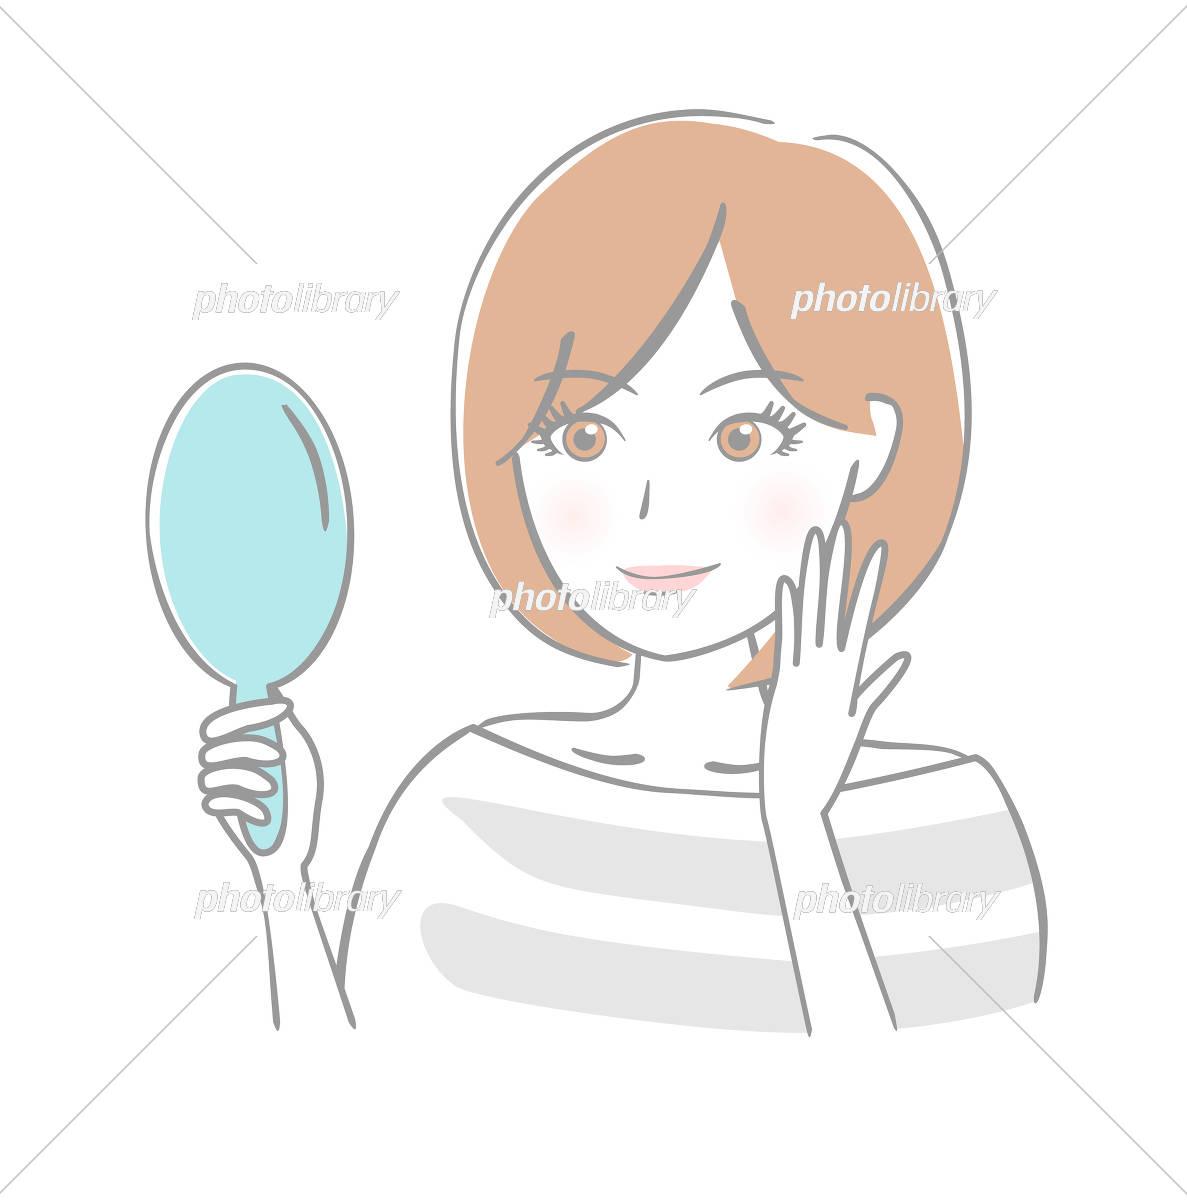 鏡を見る女性 笑顔 イラスト素材 [ 5393331 ] - フォトライブラリー